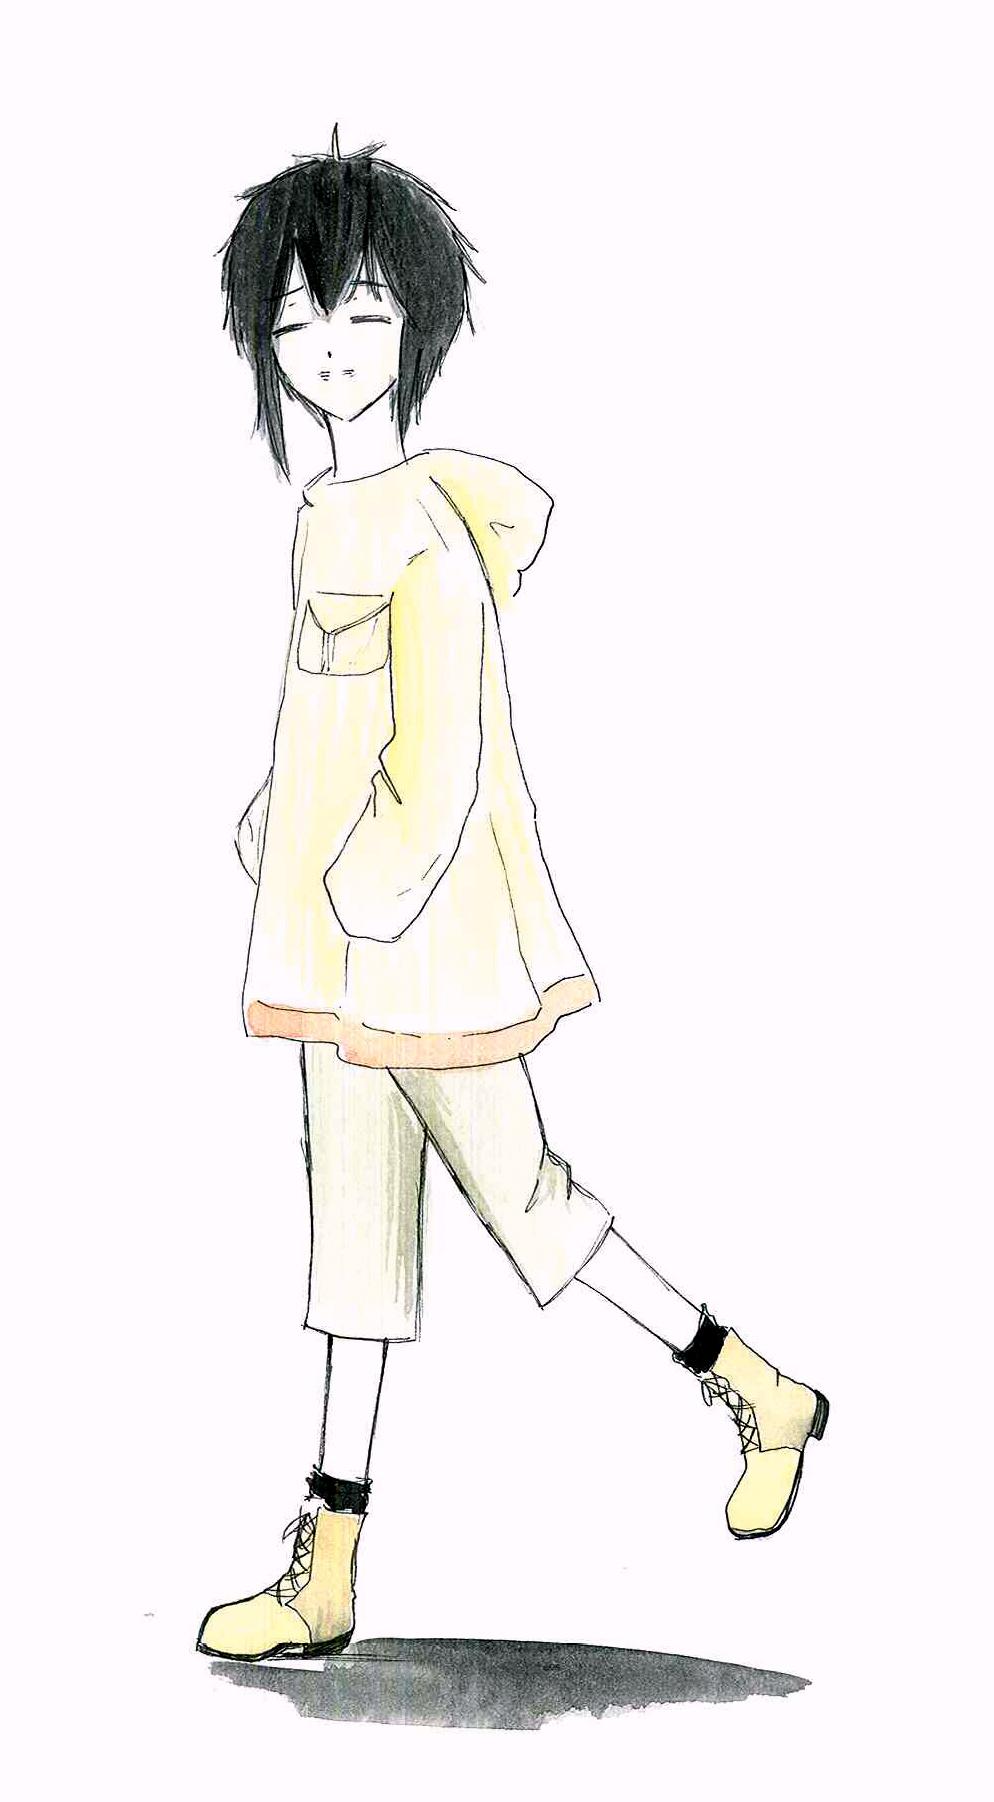 No-chan by vmxk